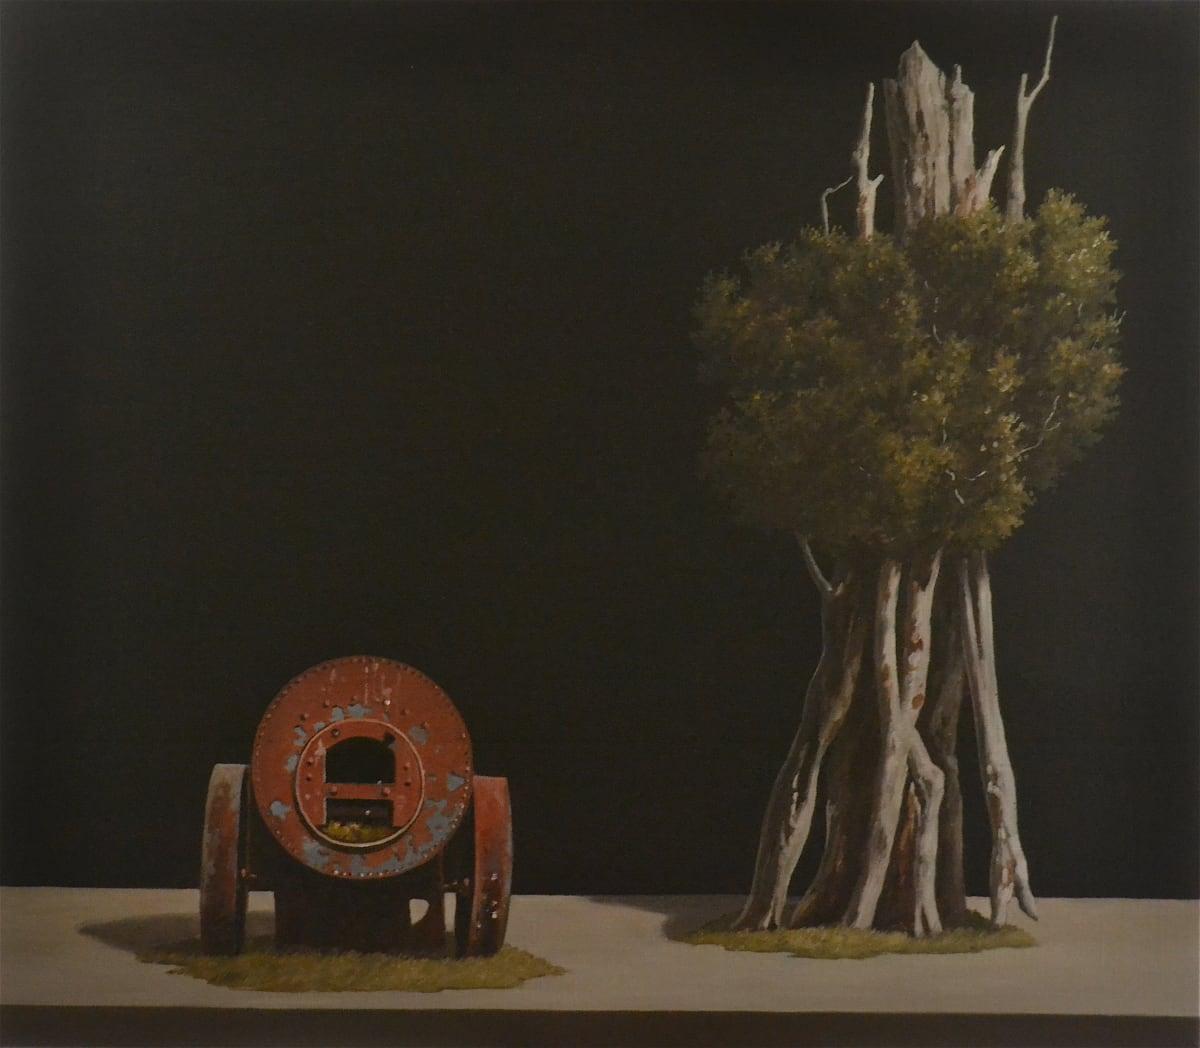 Michael Hight Marokopa, 2012 Oil on linen 14 x 16.1 in 35.5 x 41 cm